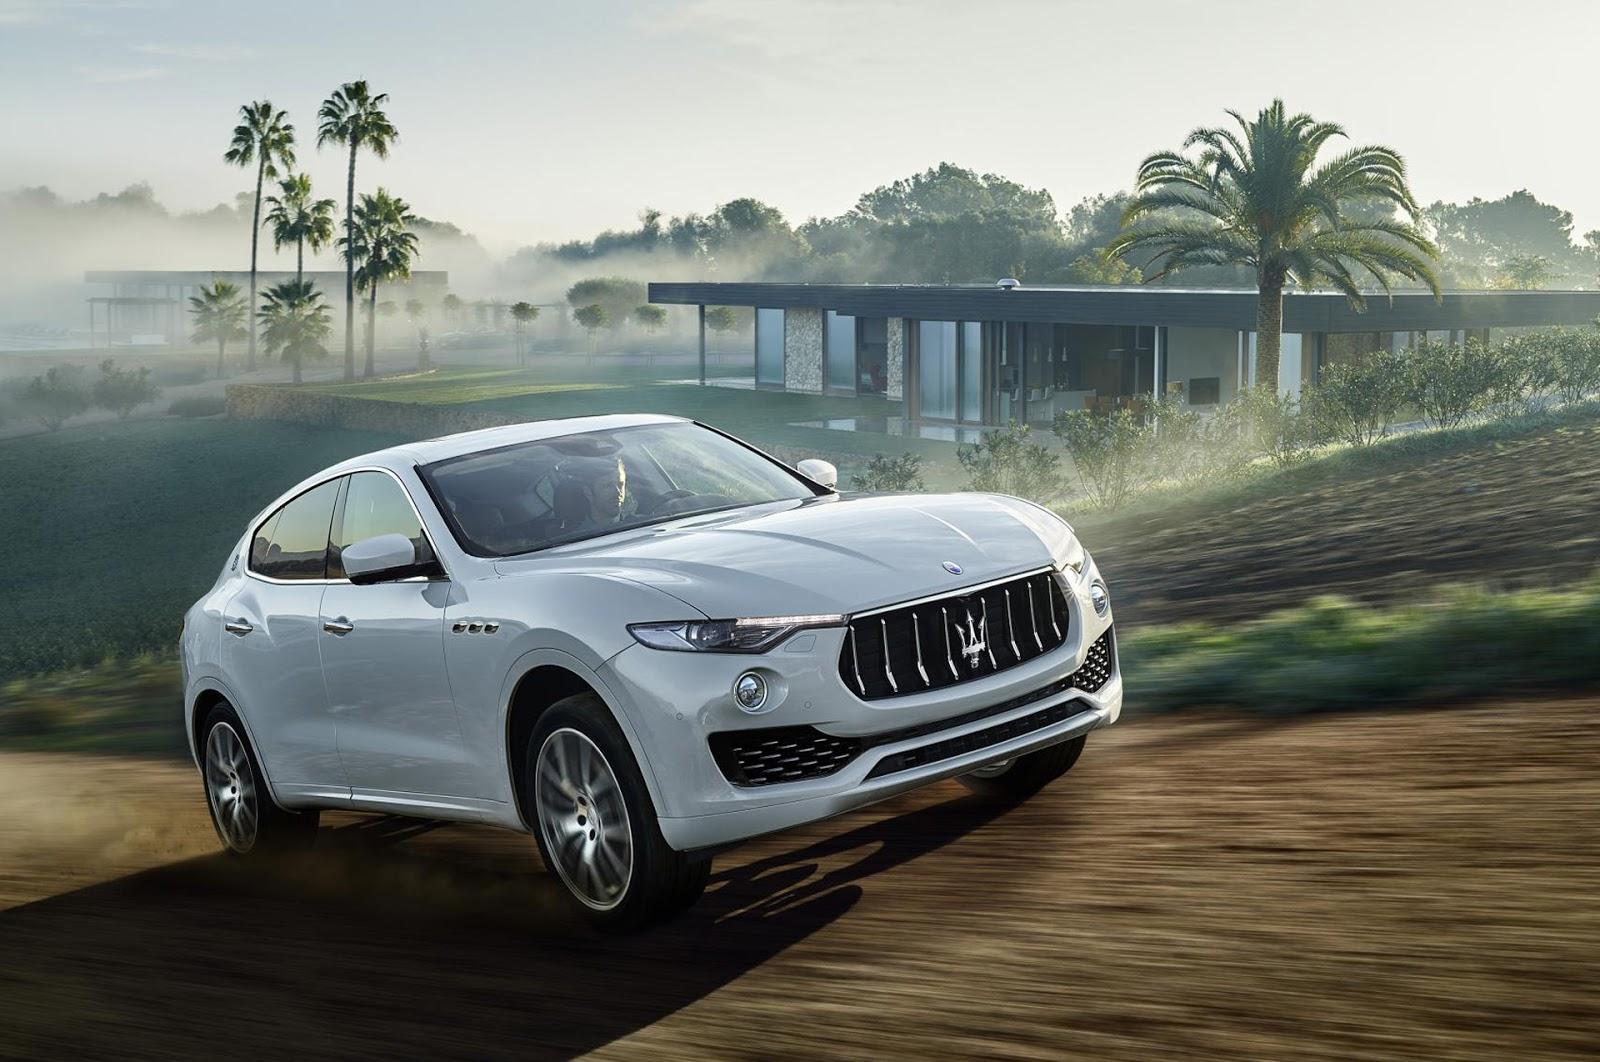 Maserati Levante 2017 có đủ sức cạnh tranh với Bentayga hay các dòng xe hạng sang của Porsche?